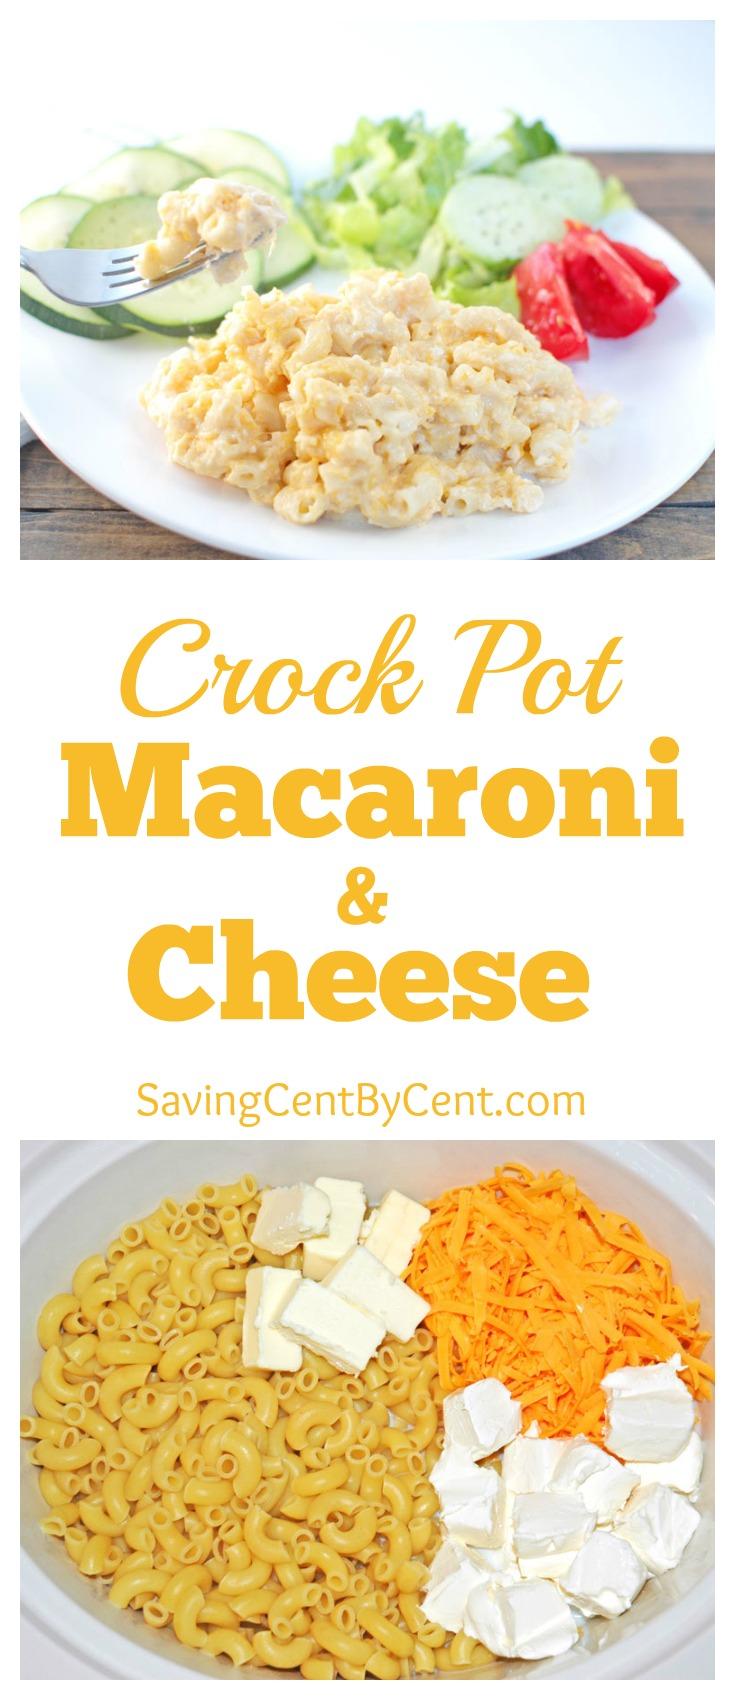 Crock Pot Macaroni & Cheese